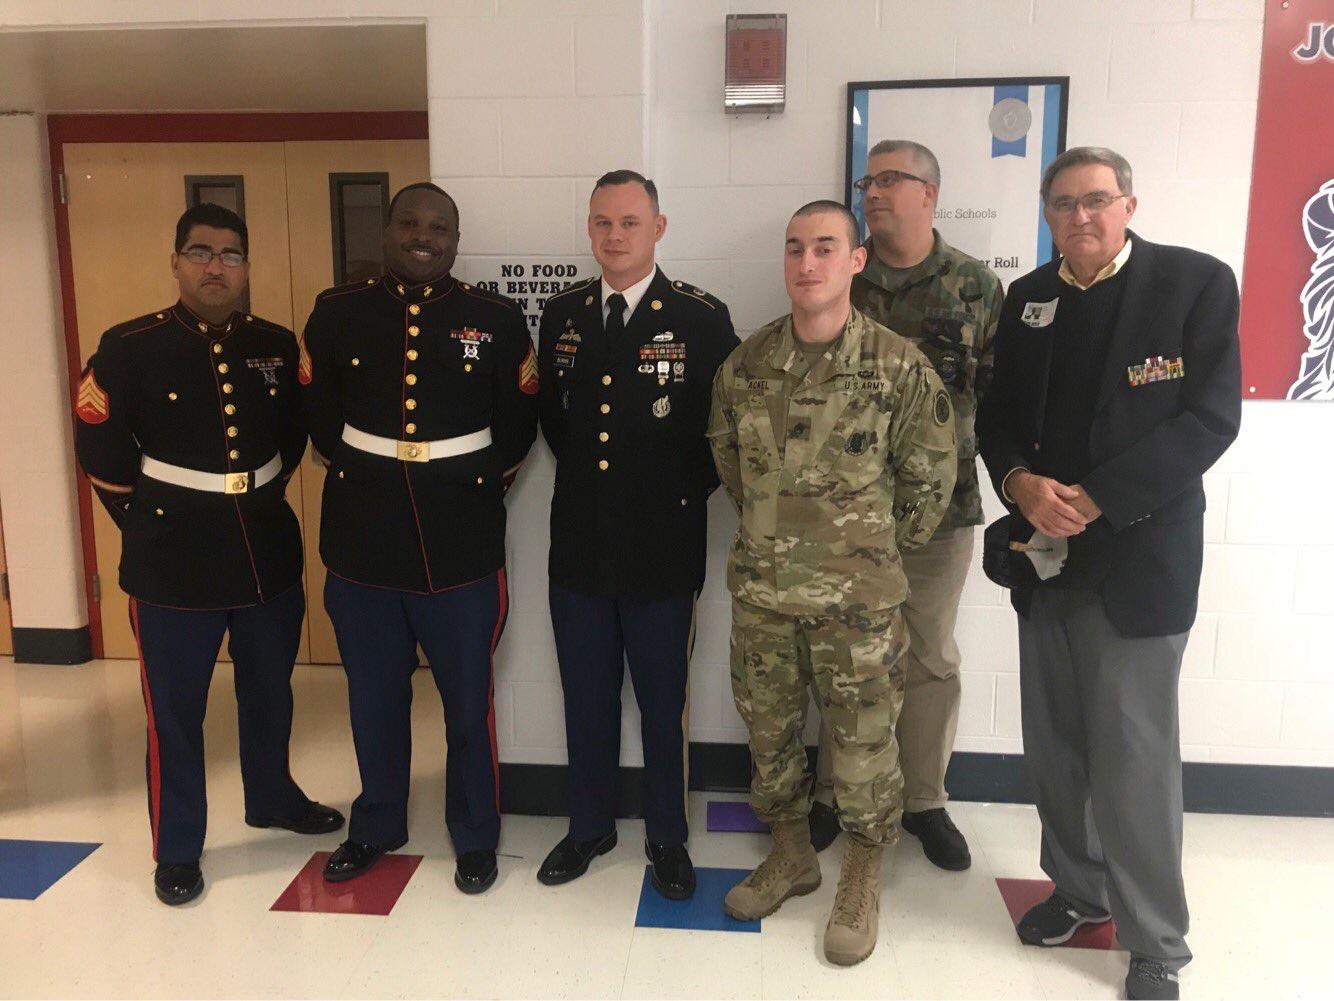 Military Week Photo.JPG 2